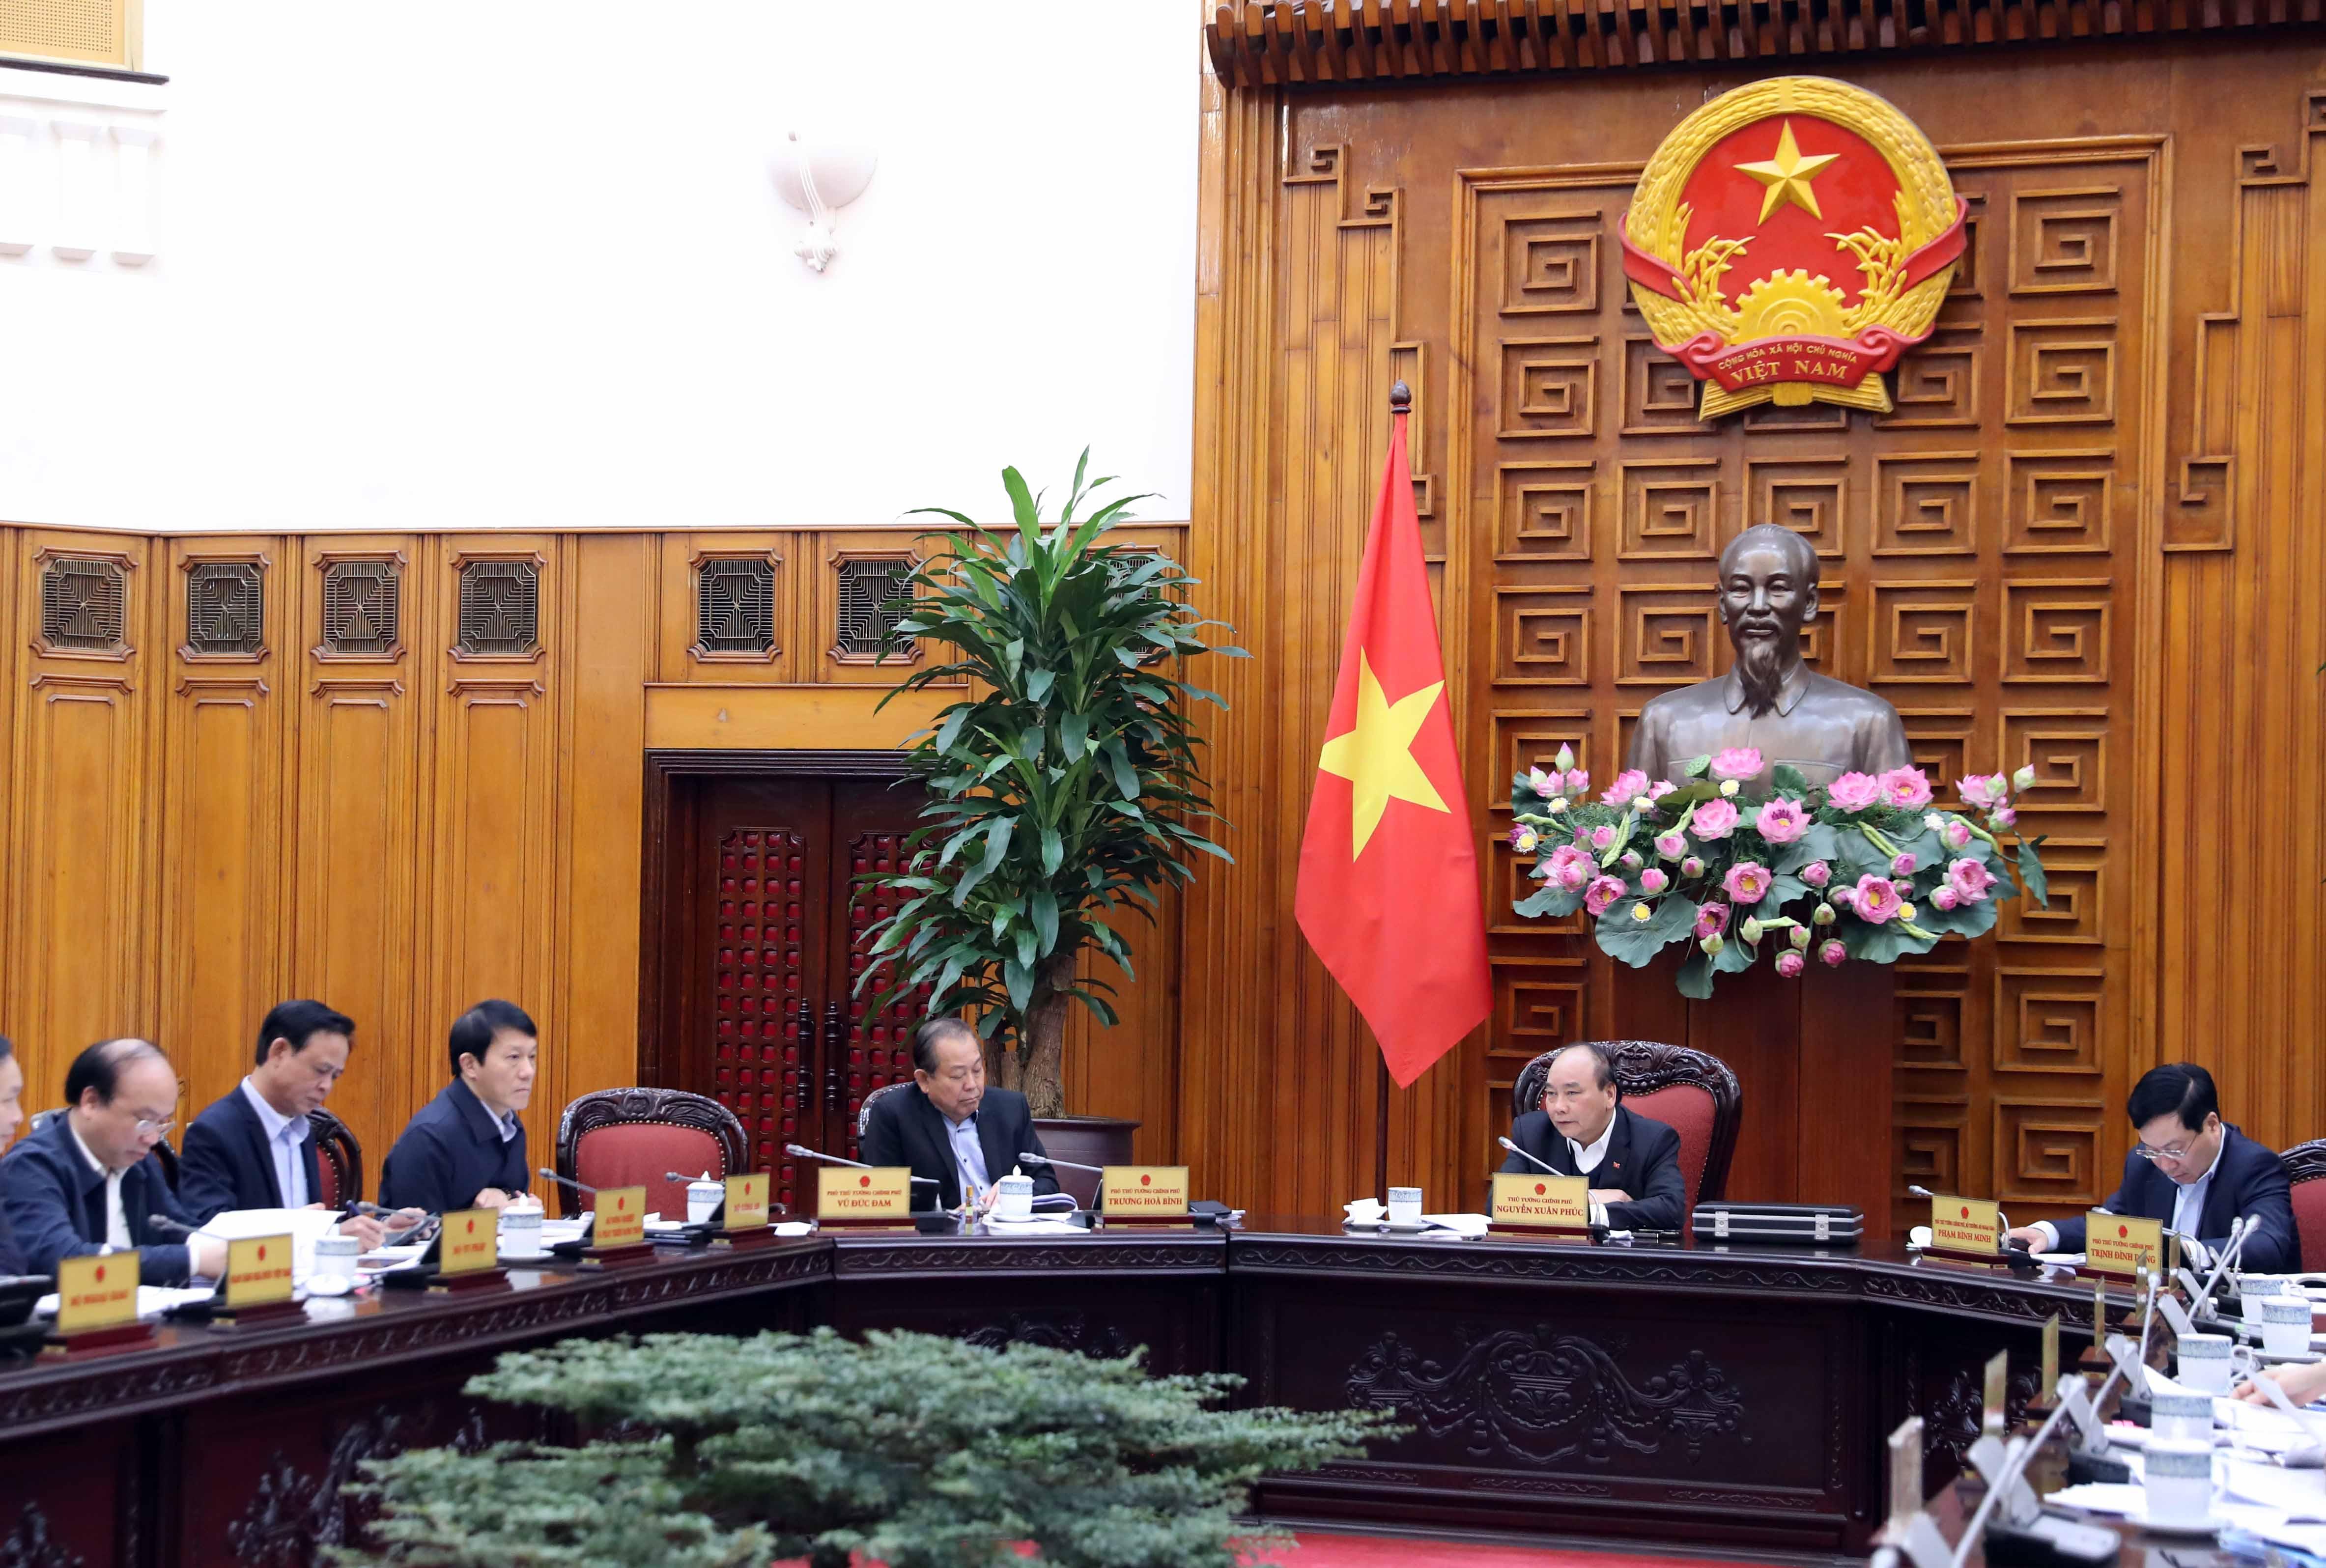 Thủ tướng Nguyễn Xuân Phúc Ngành mía đường tổ chức lại sản xuất để có năng suất tốt hơn